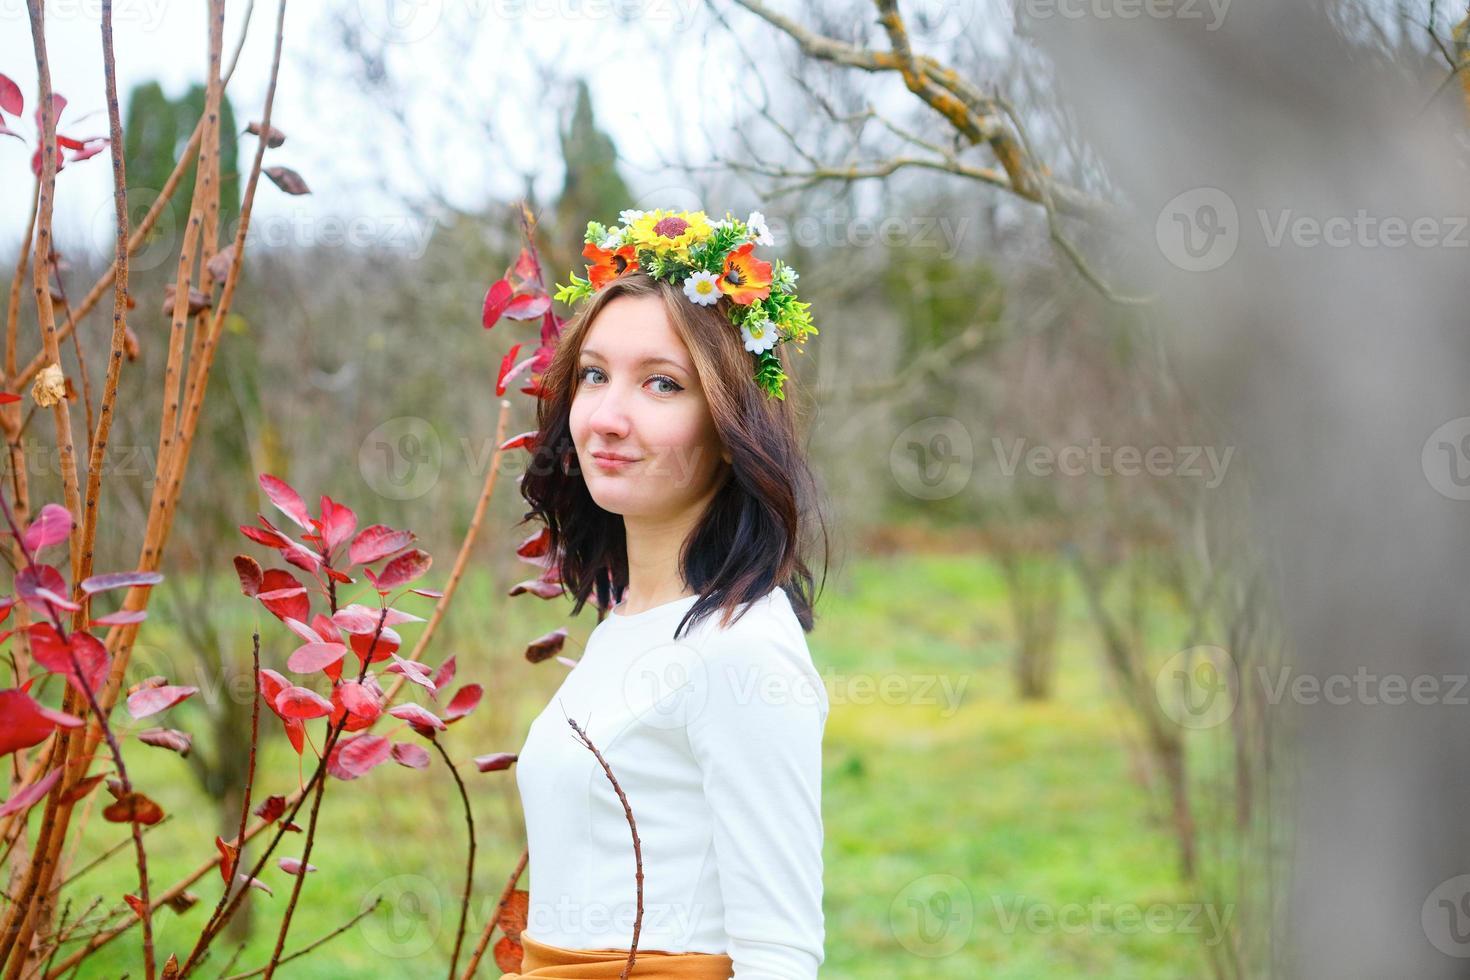 Jeune fille brune avec une couronne de fleurs dans le parc de l'automne photo